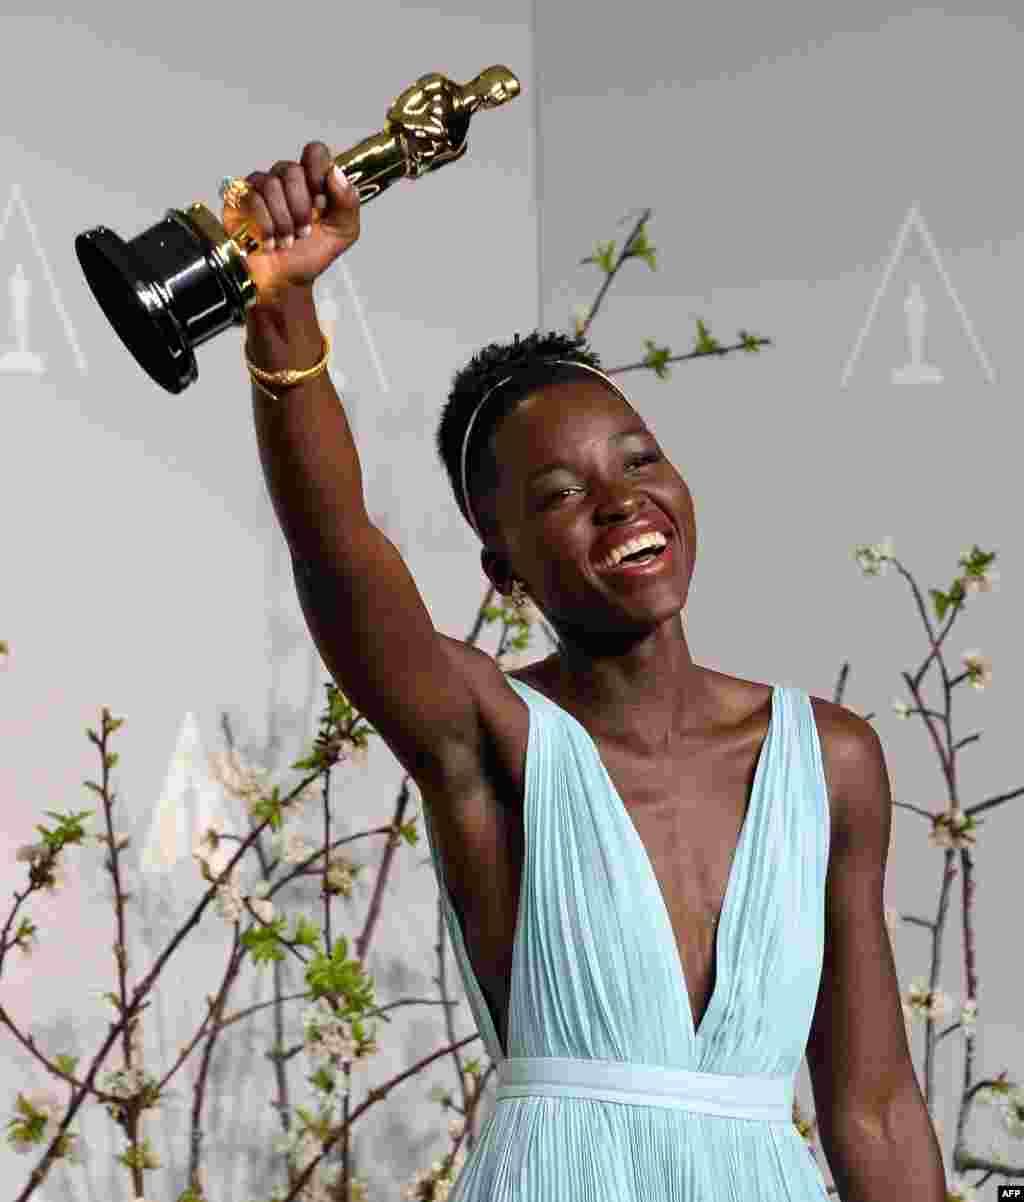 Aktris Lupita Nyong'o merayakan kemenangannya meraih penghargaan Aktris Pendukung Terbaik untuk film '12 Years a Slave' di ruang media pada Academy Awards ke-86 di Hollywood, California, 2 Maret 2014.